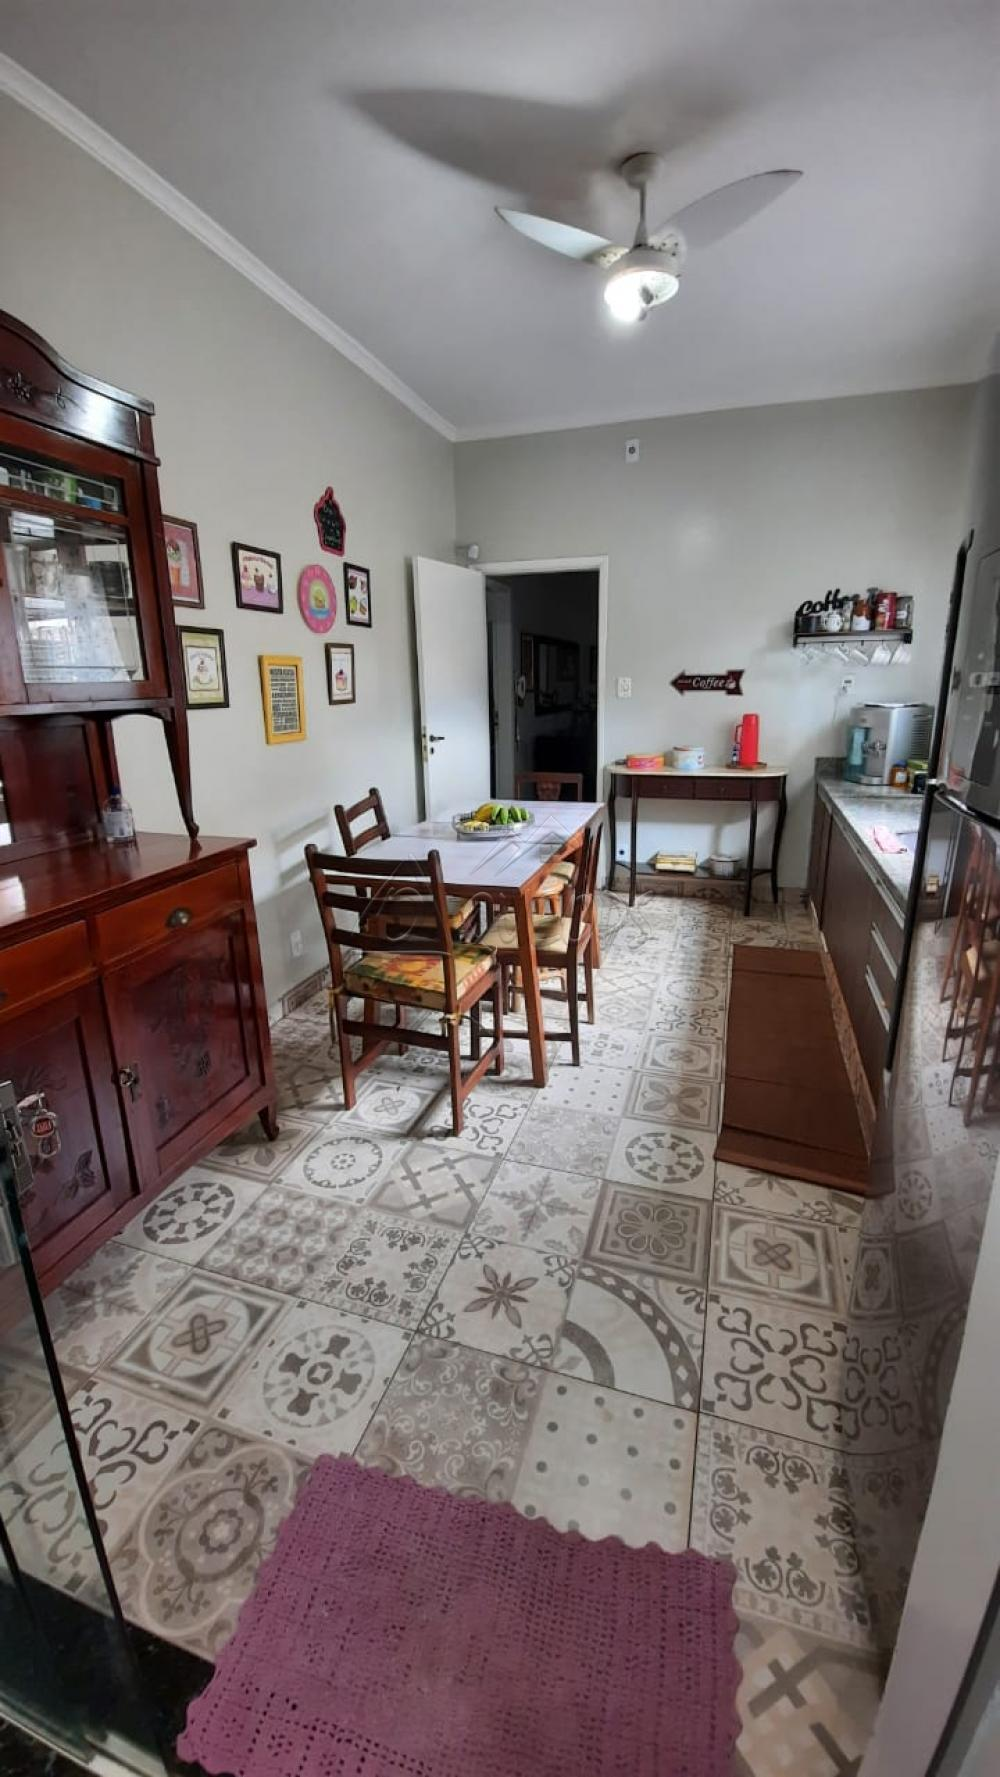 Comprar Casa / Padrão em Barretos apenas R$ 500.000,00 - Foto 28